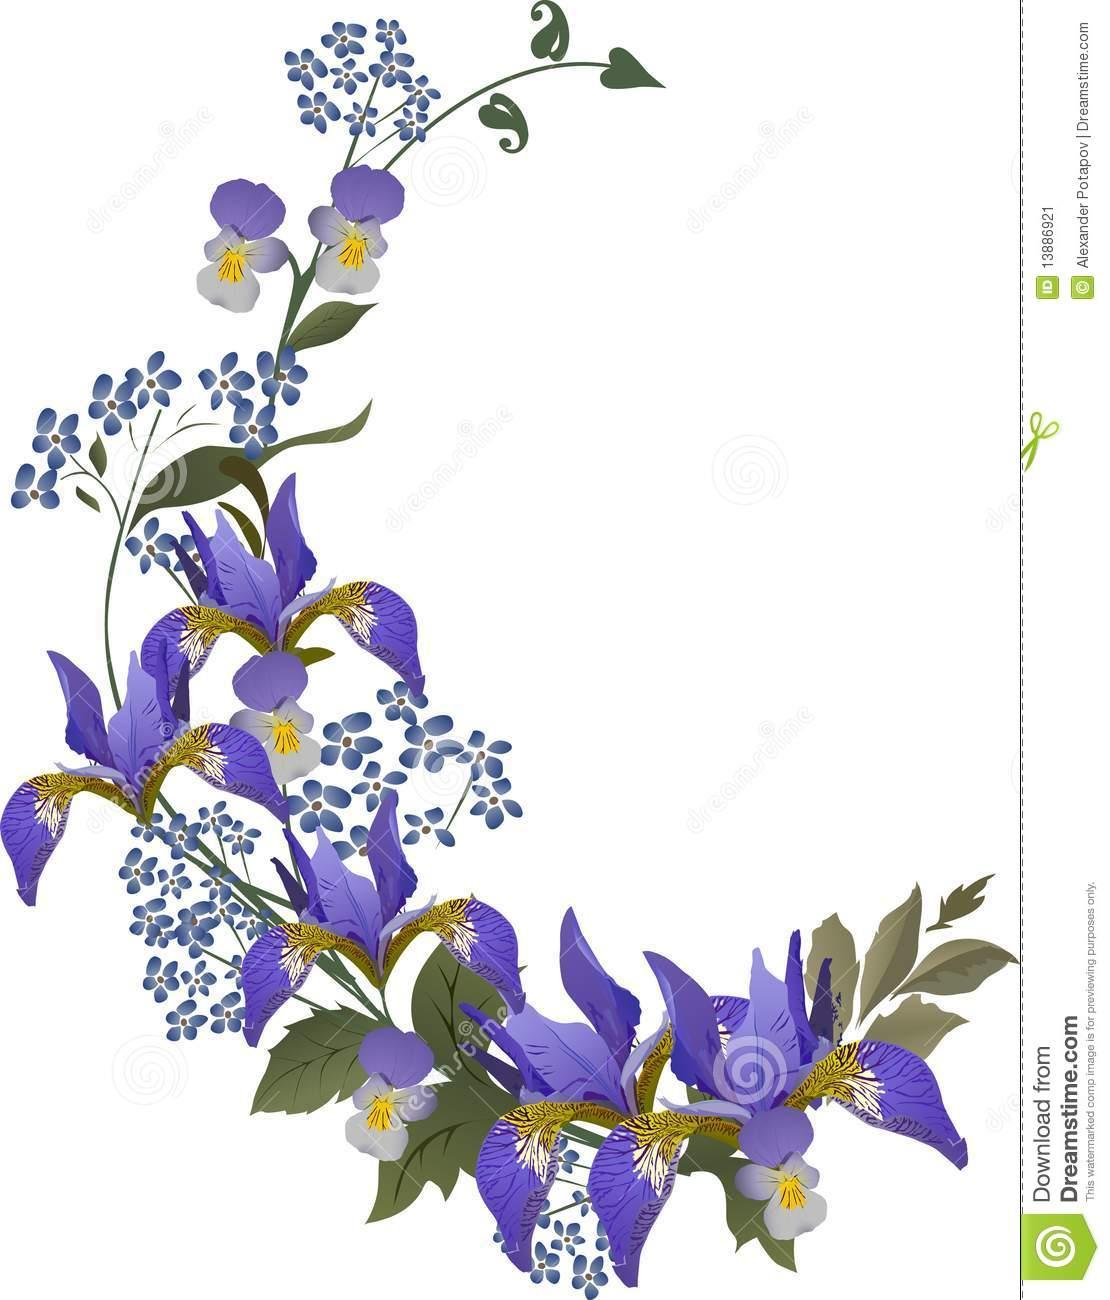 Iris clipart violet Fans 136 Clipart flower Iris